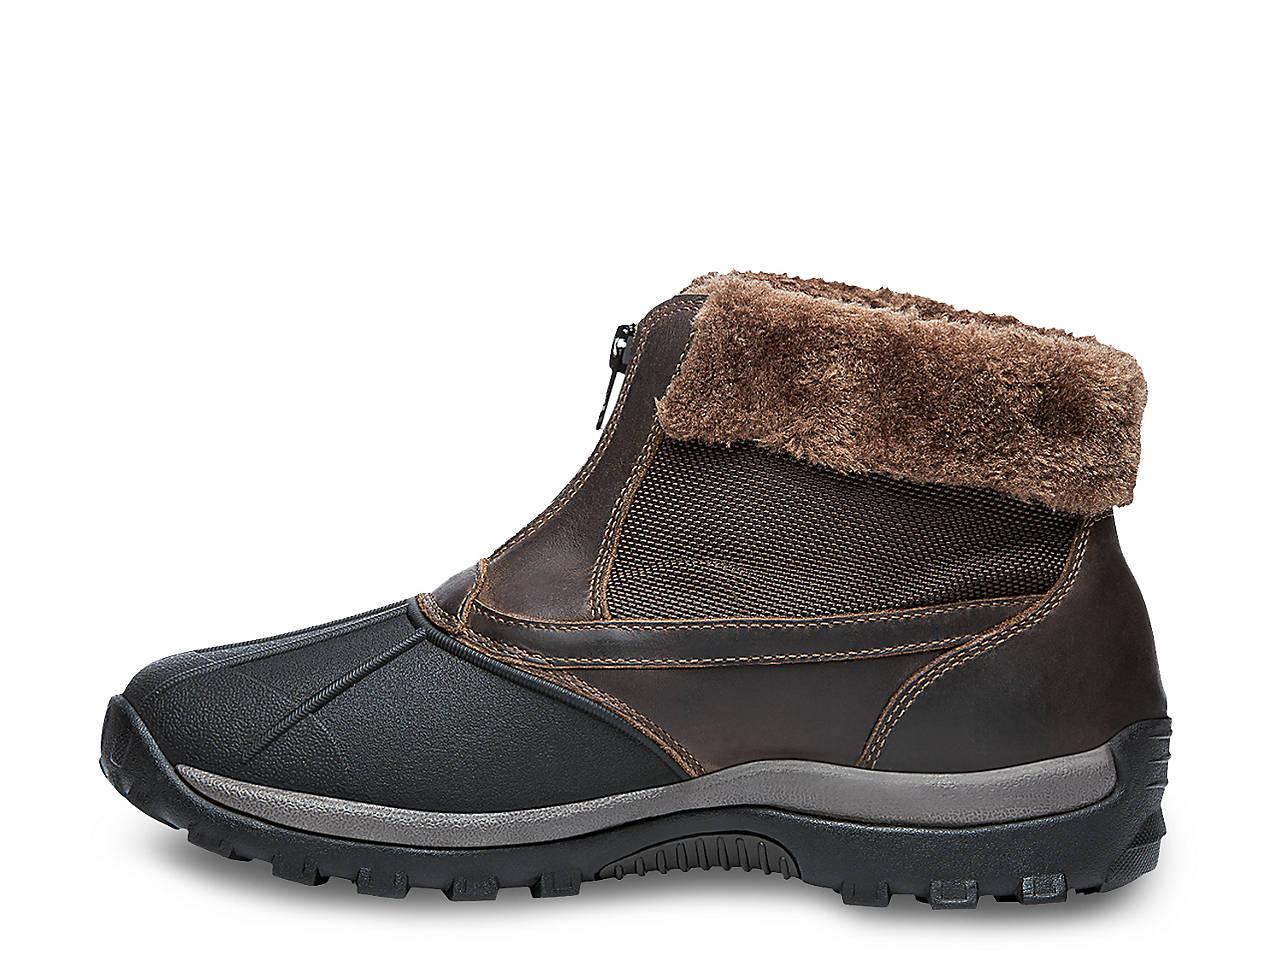 b7b094b96999b2 Propet Blizzard Ankle Zip II Duck Boot Women s Shoes